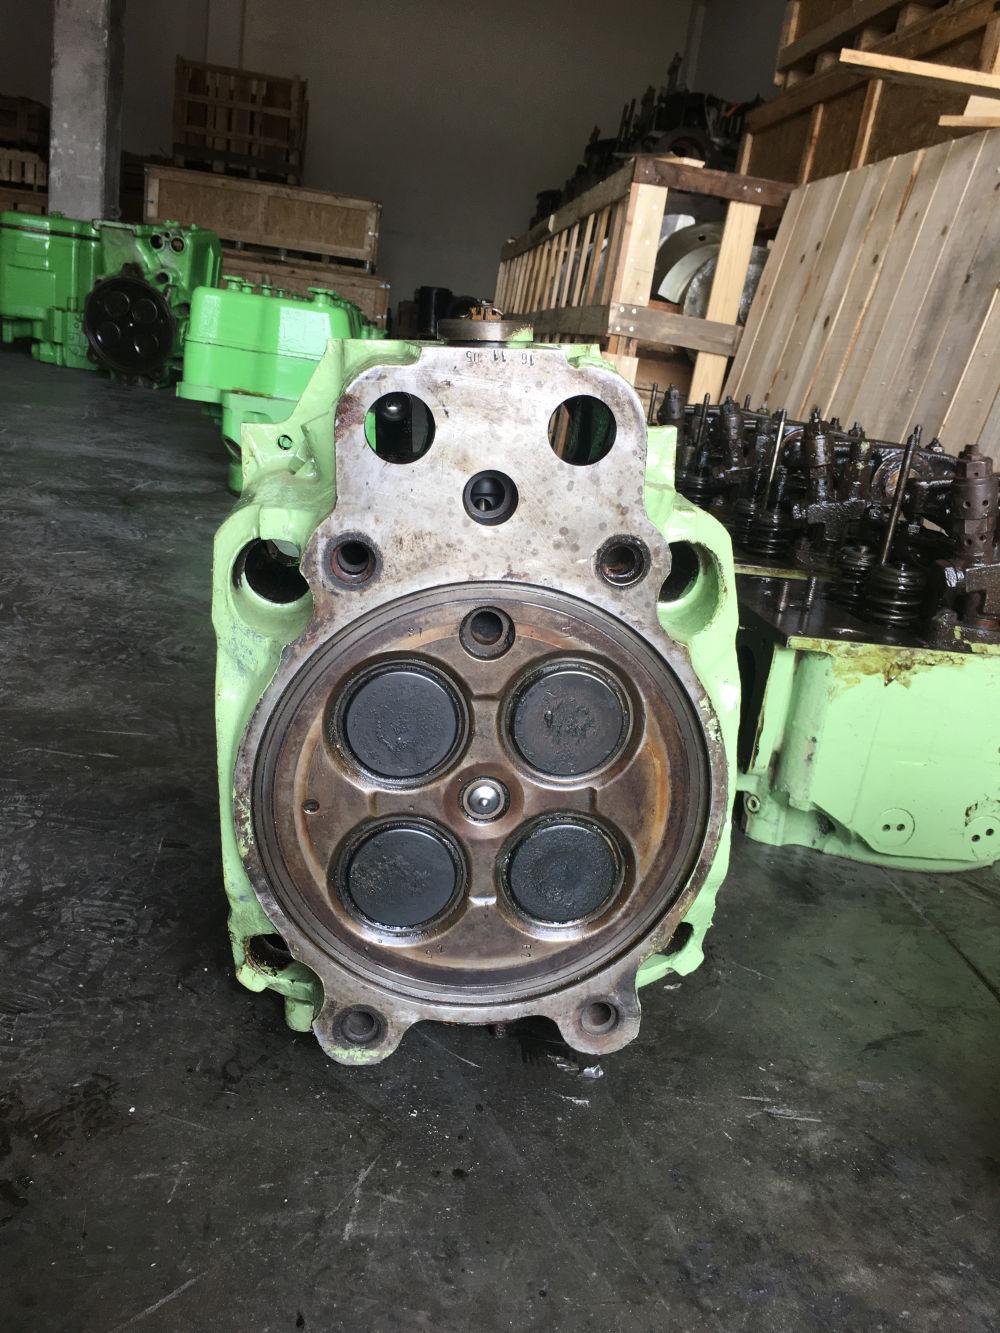 For Sale: Daihatsu DK20 Spare Parts